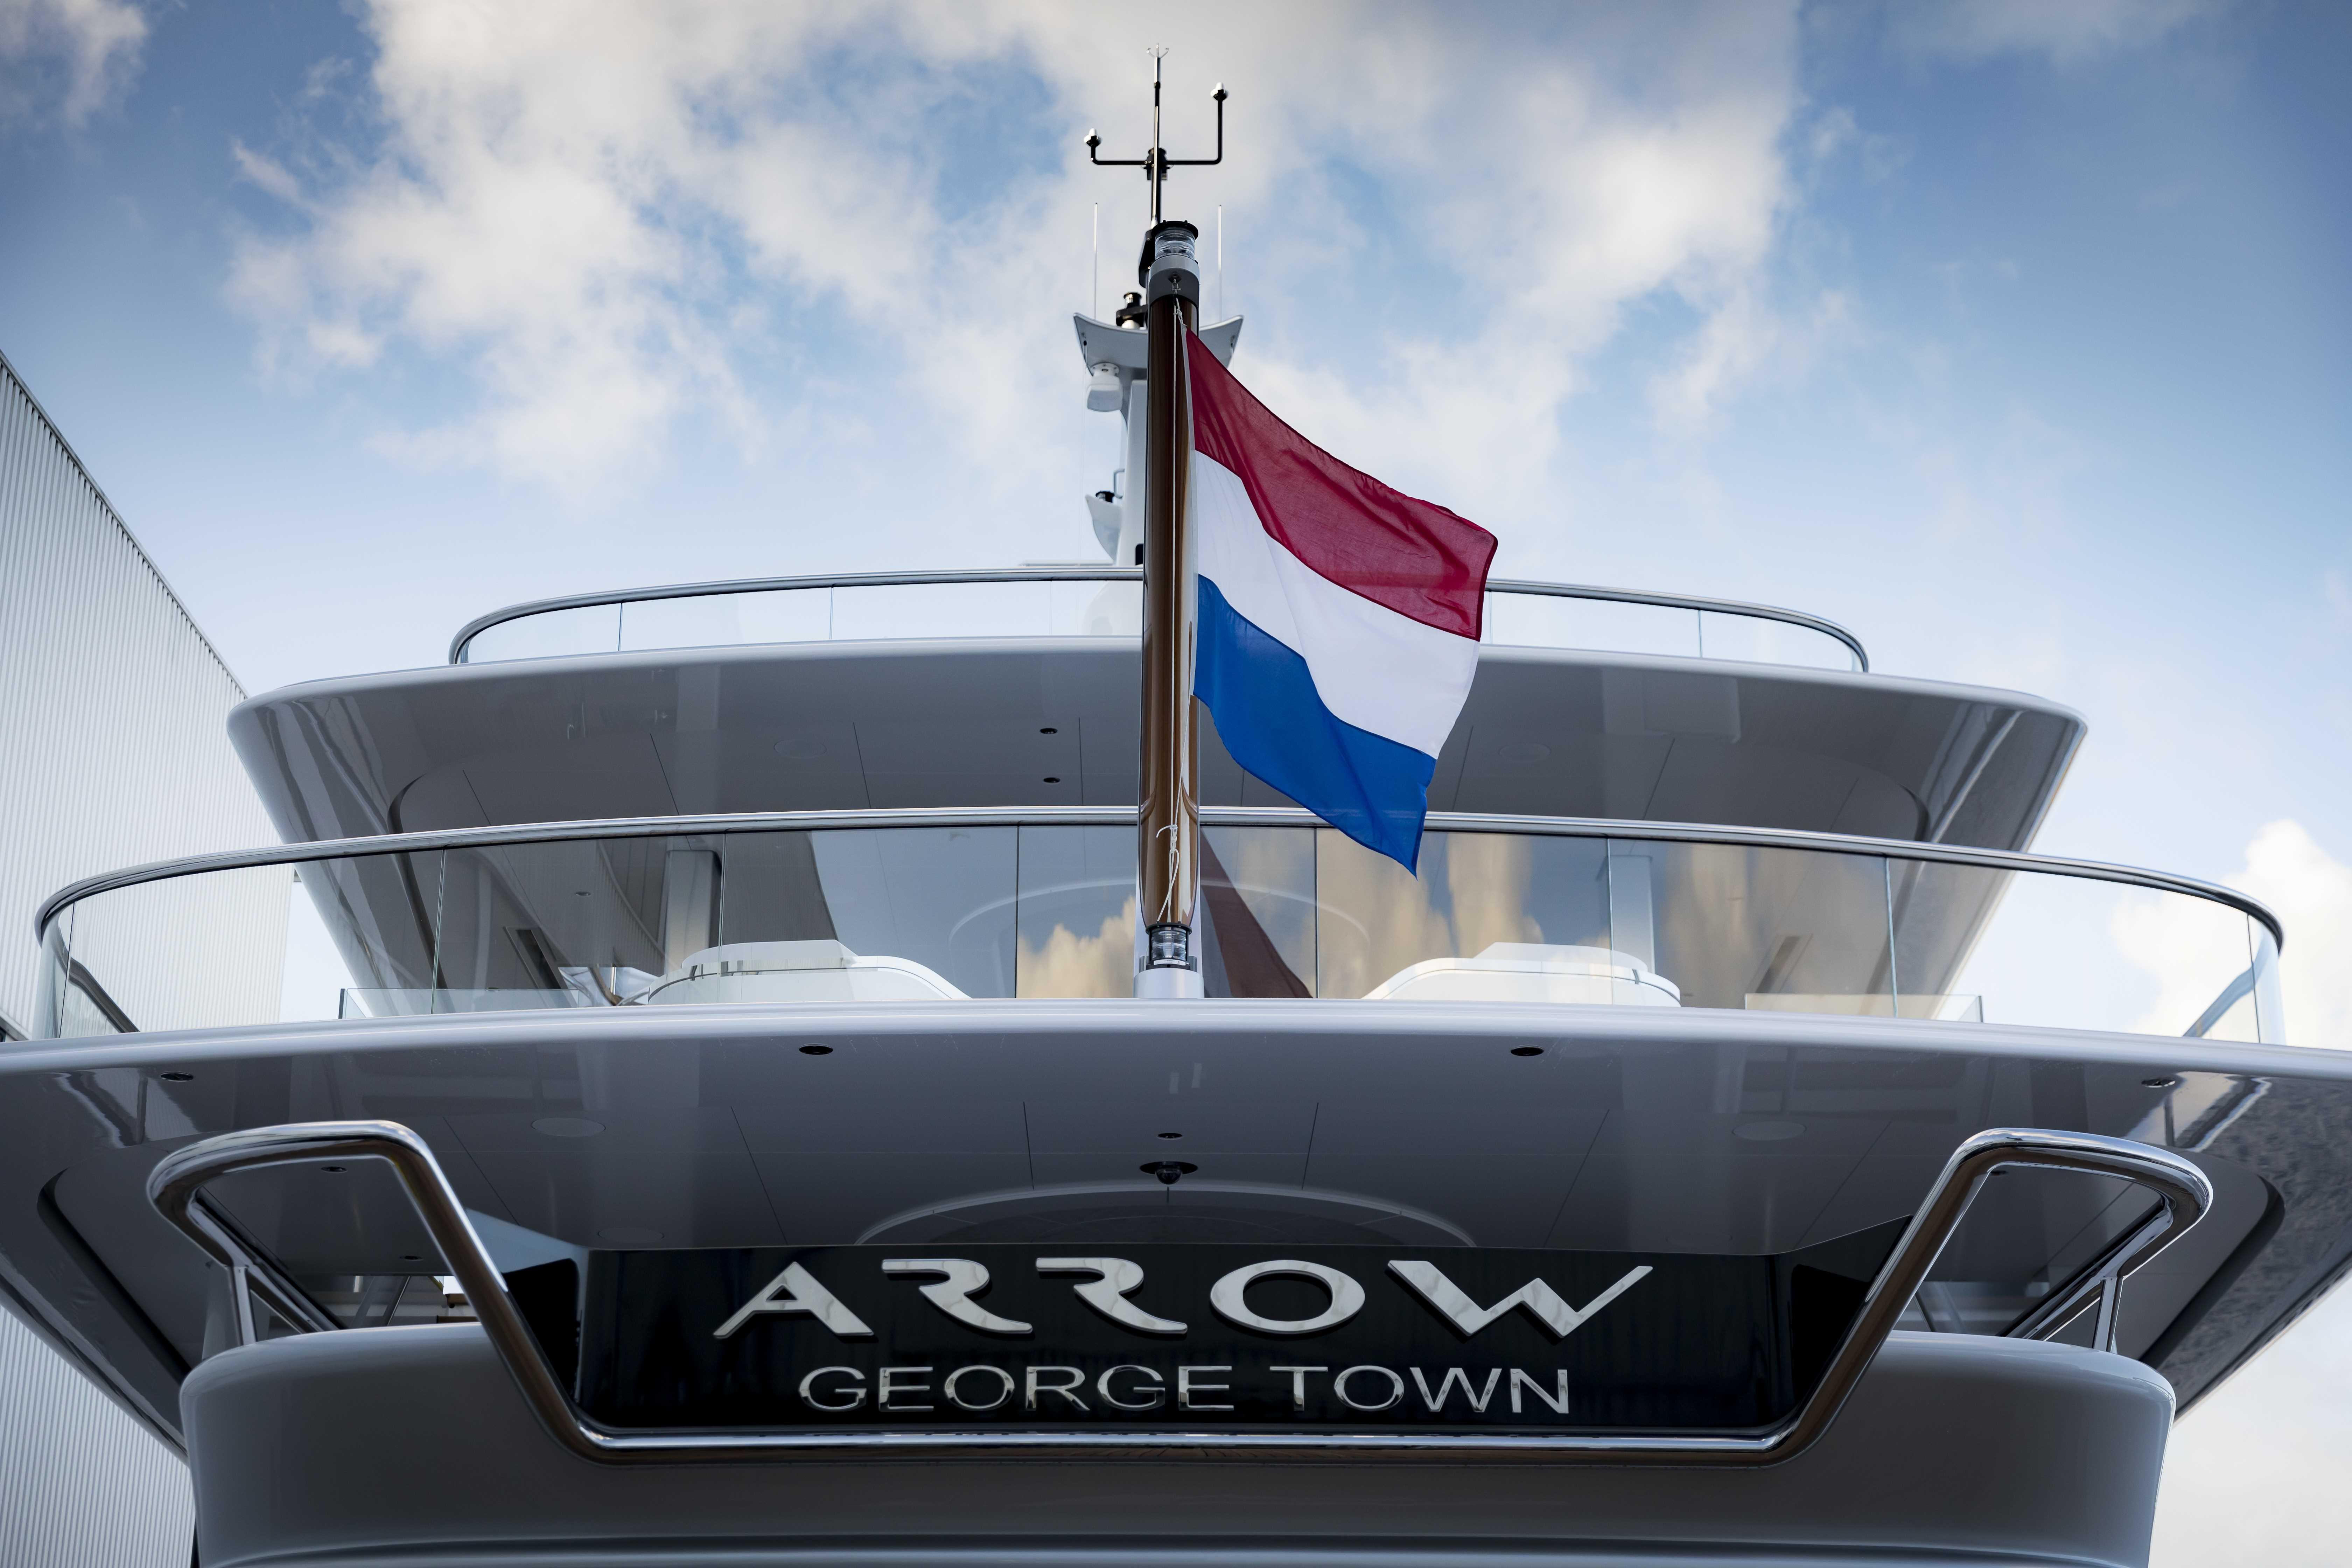 ARROW-ARROW-Arrow-copyright-Feadship-002